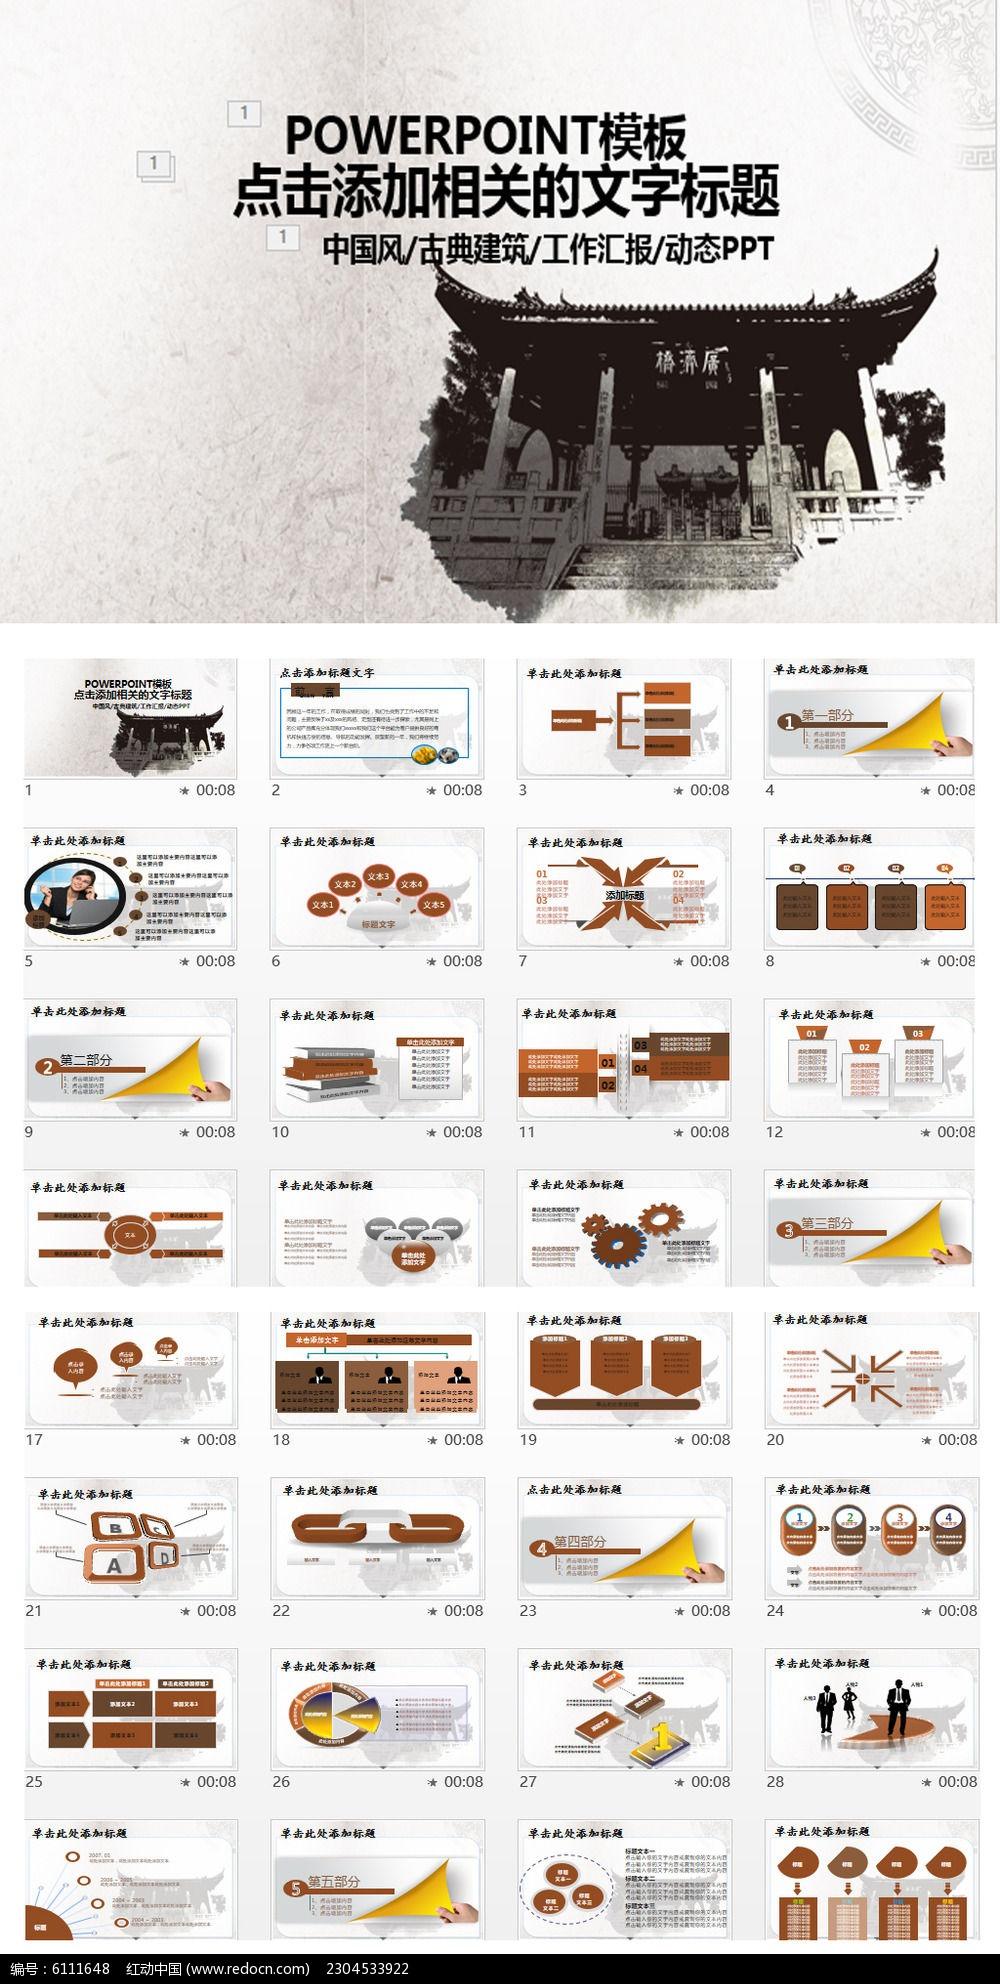 中国风古典建筑传统古建筑文化艺术ppt素材下载 编号6111648 红动网